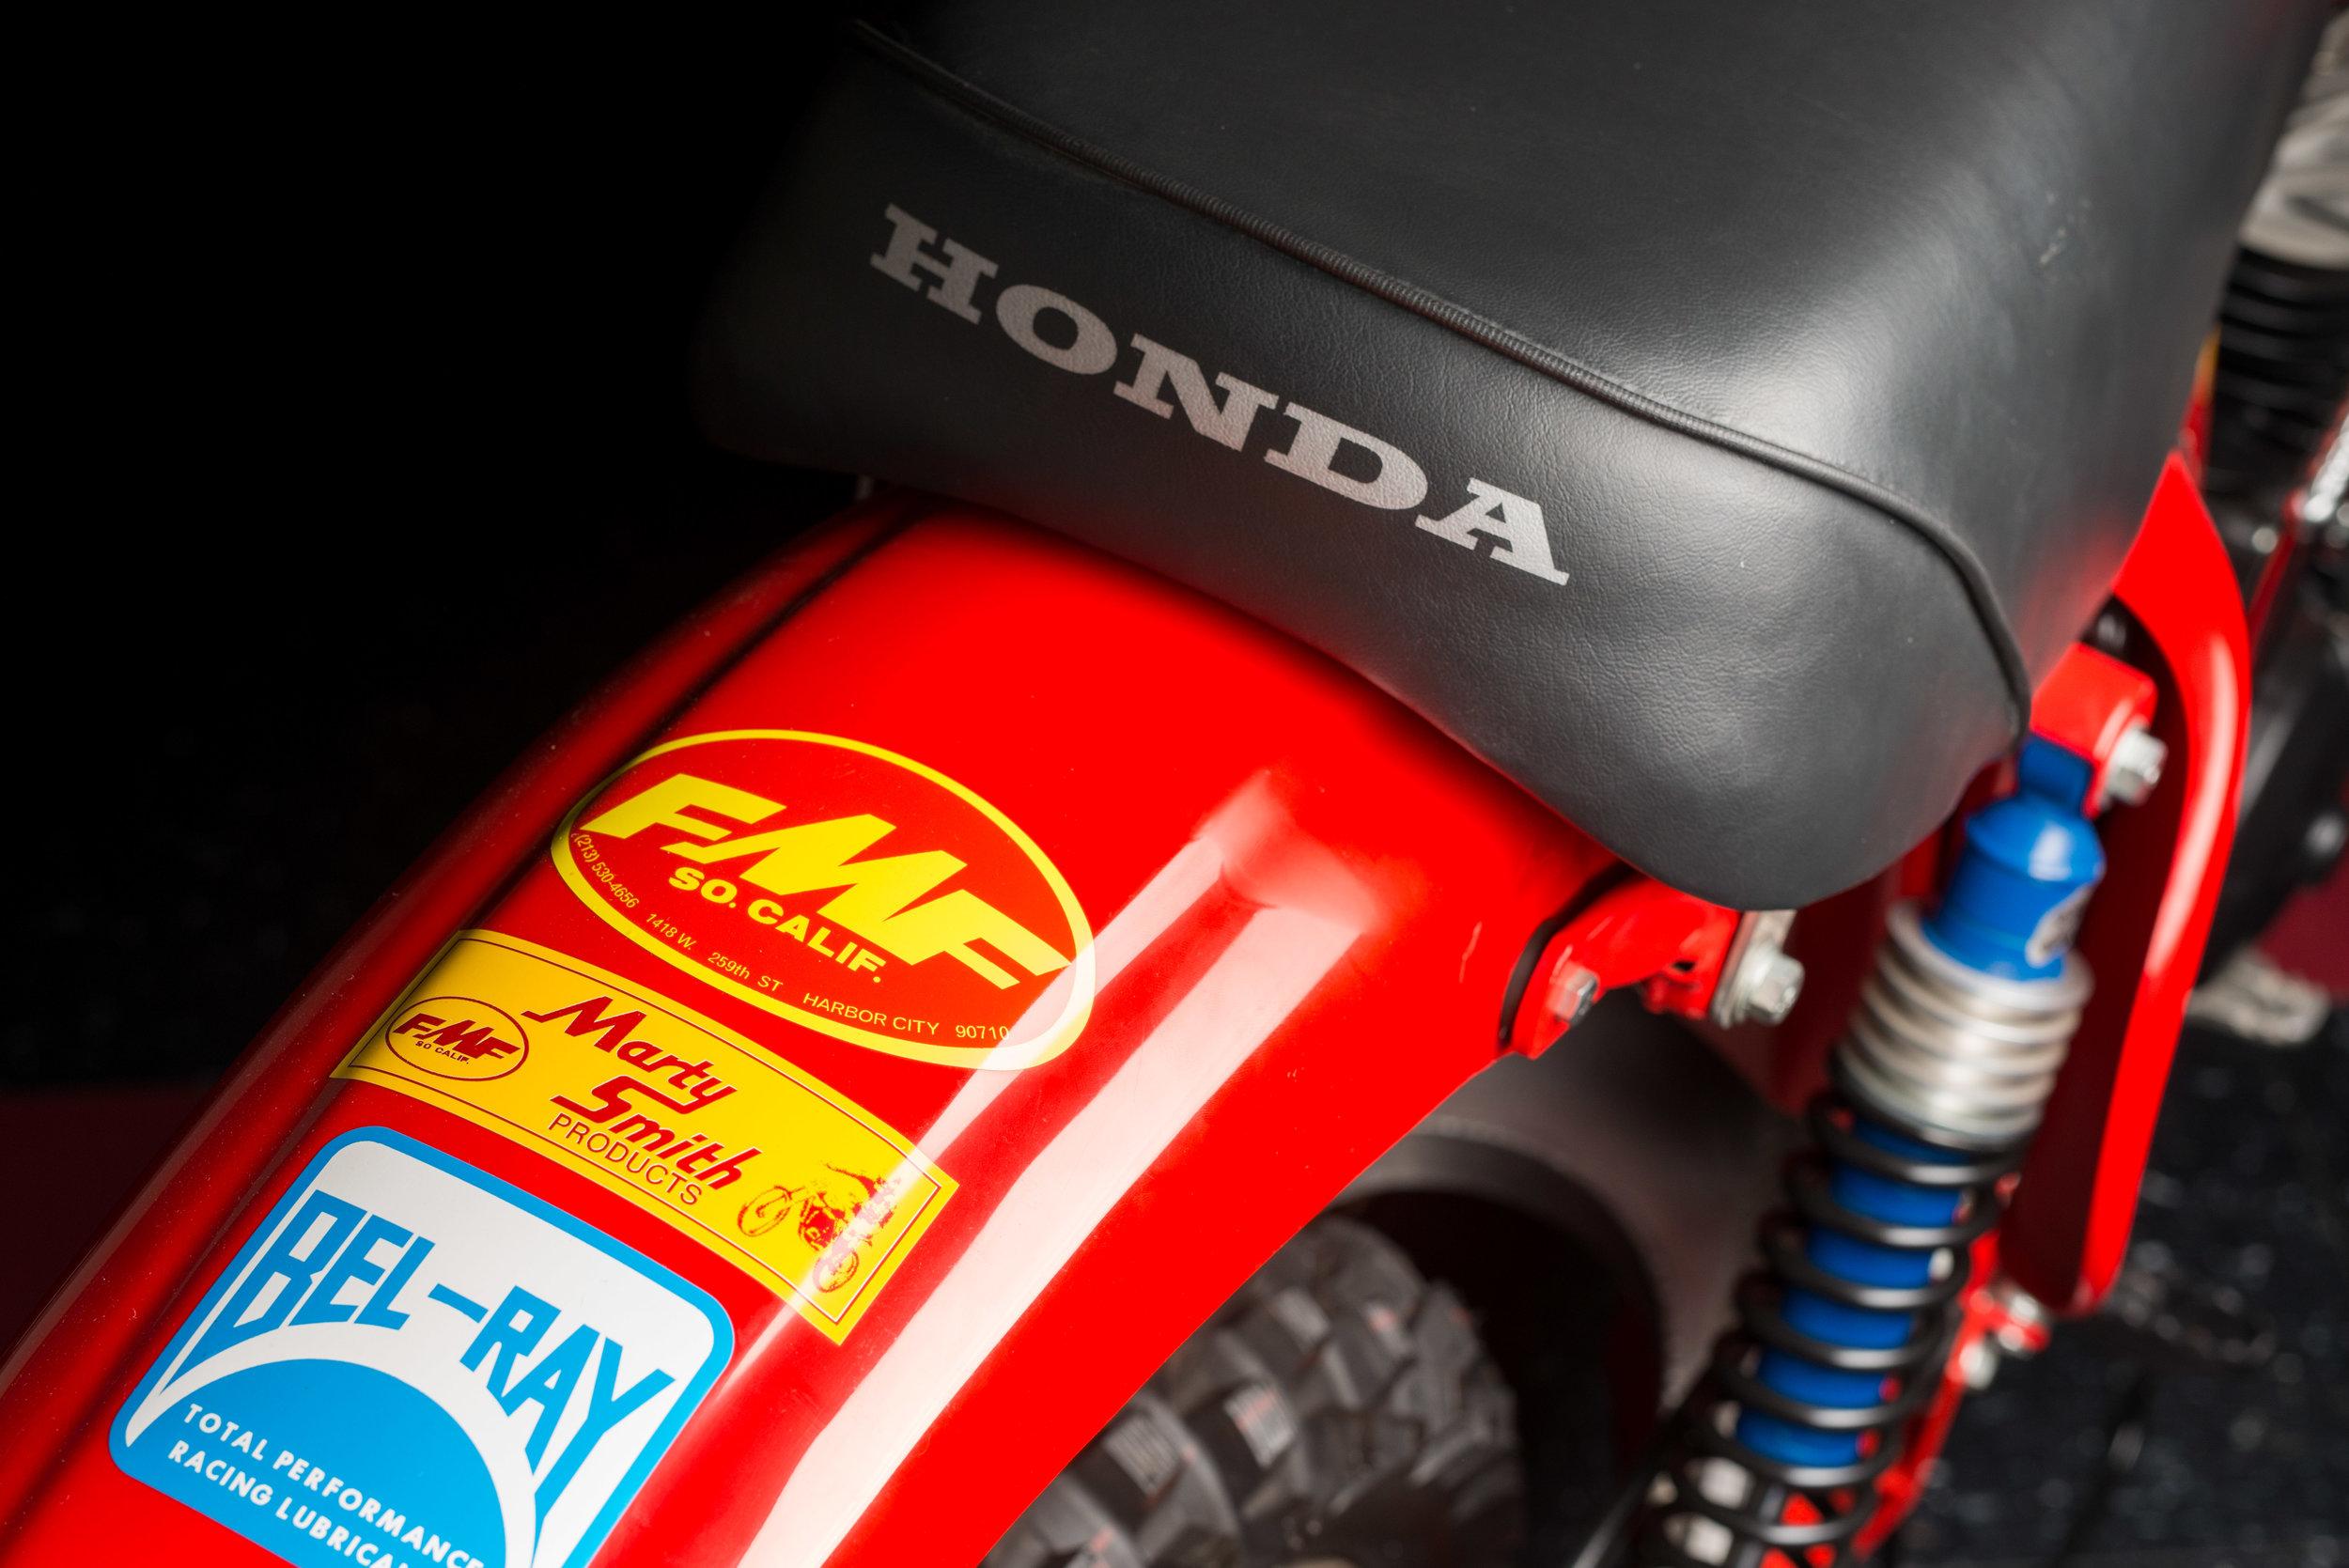 1974 Honda Cr125m Elsinore Danny Mckennas Garage Dirt Bike 125 1973 Elsinor 5